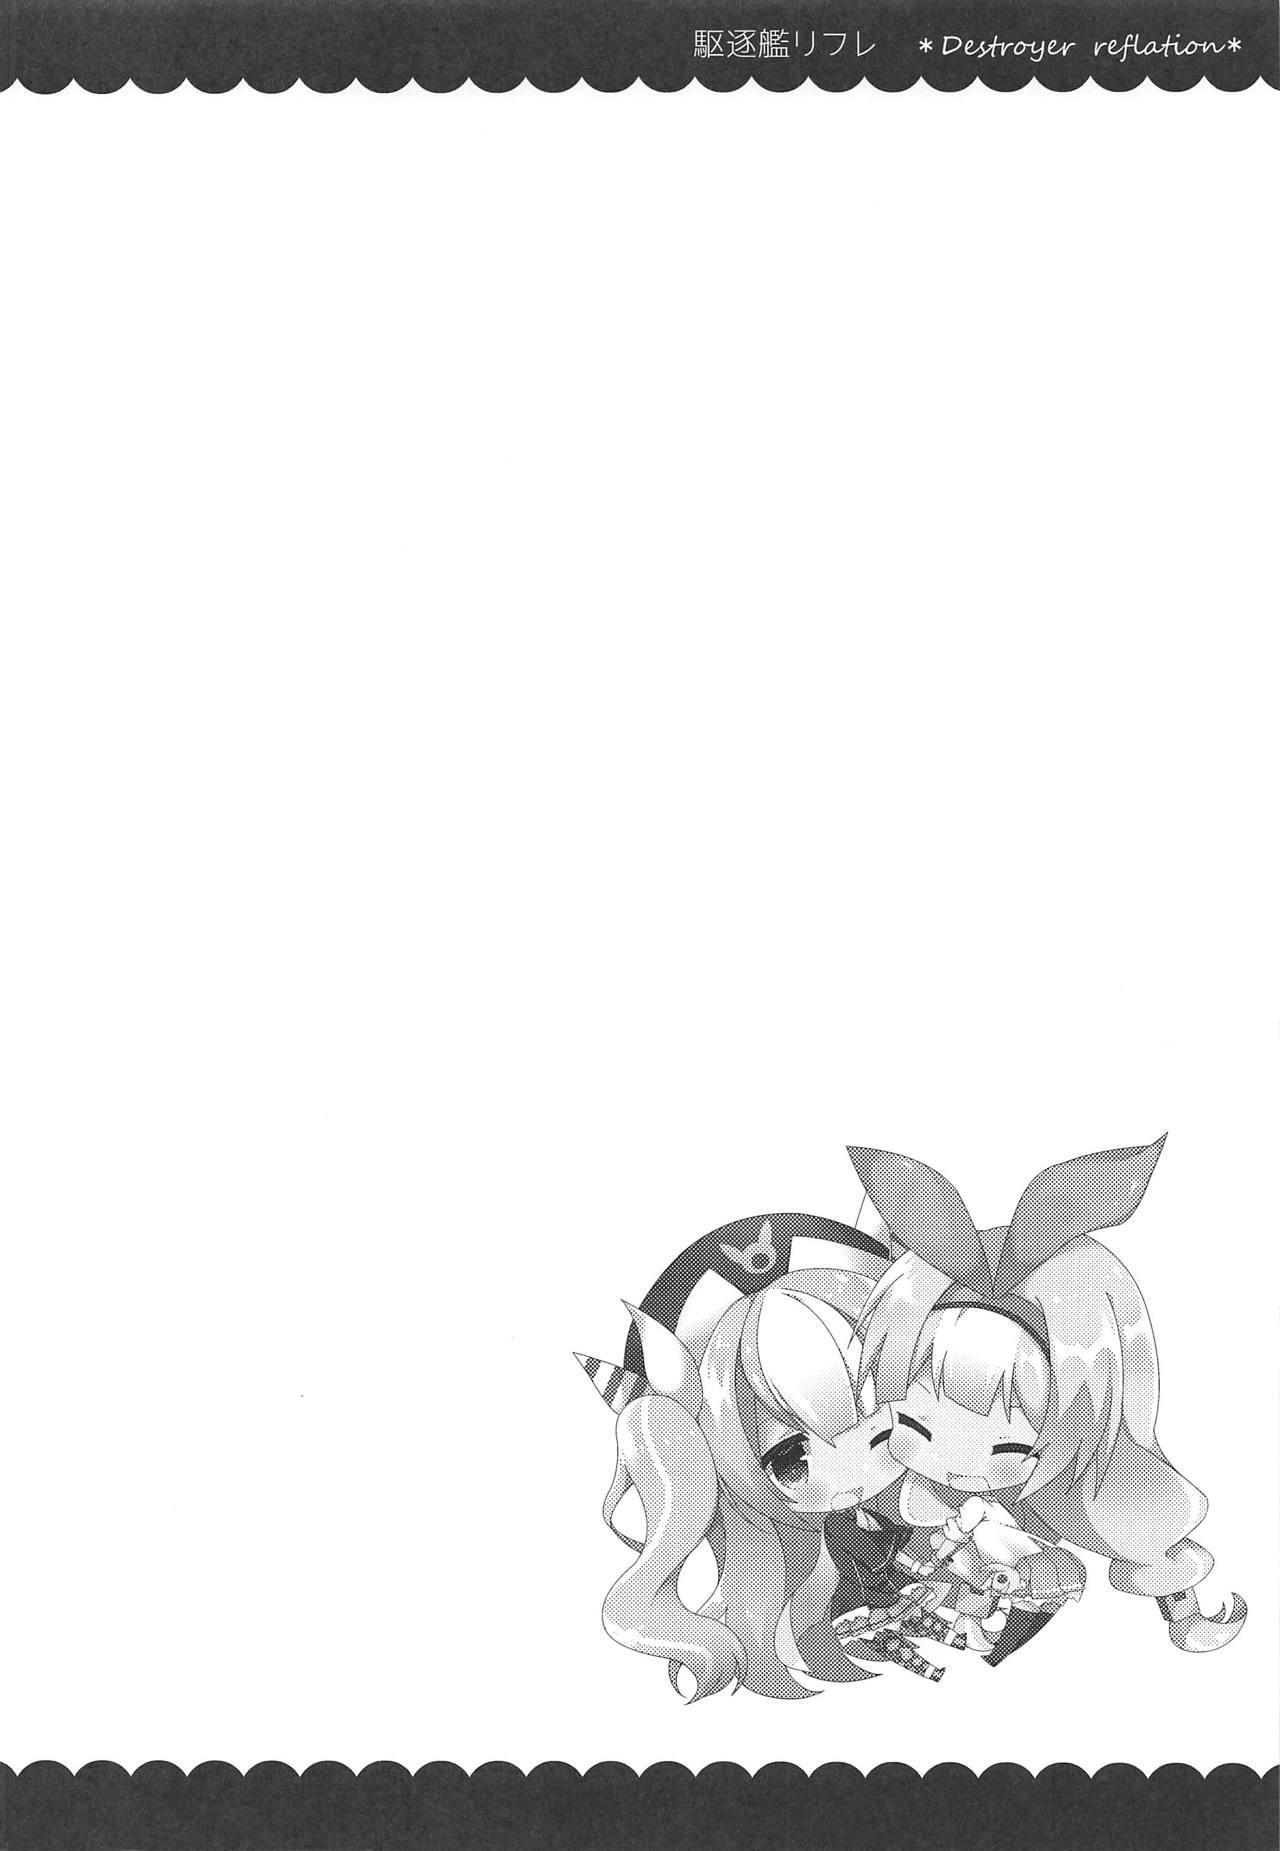 Kalk to Hobby no Kuchikukan Refla 2